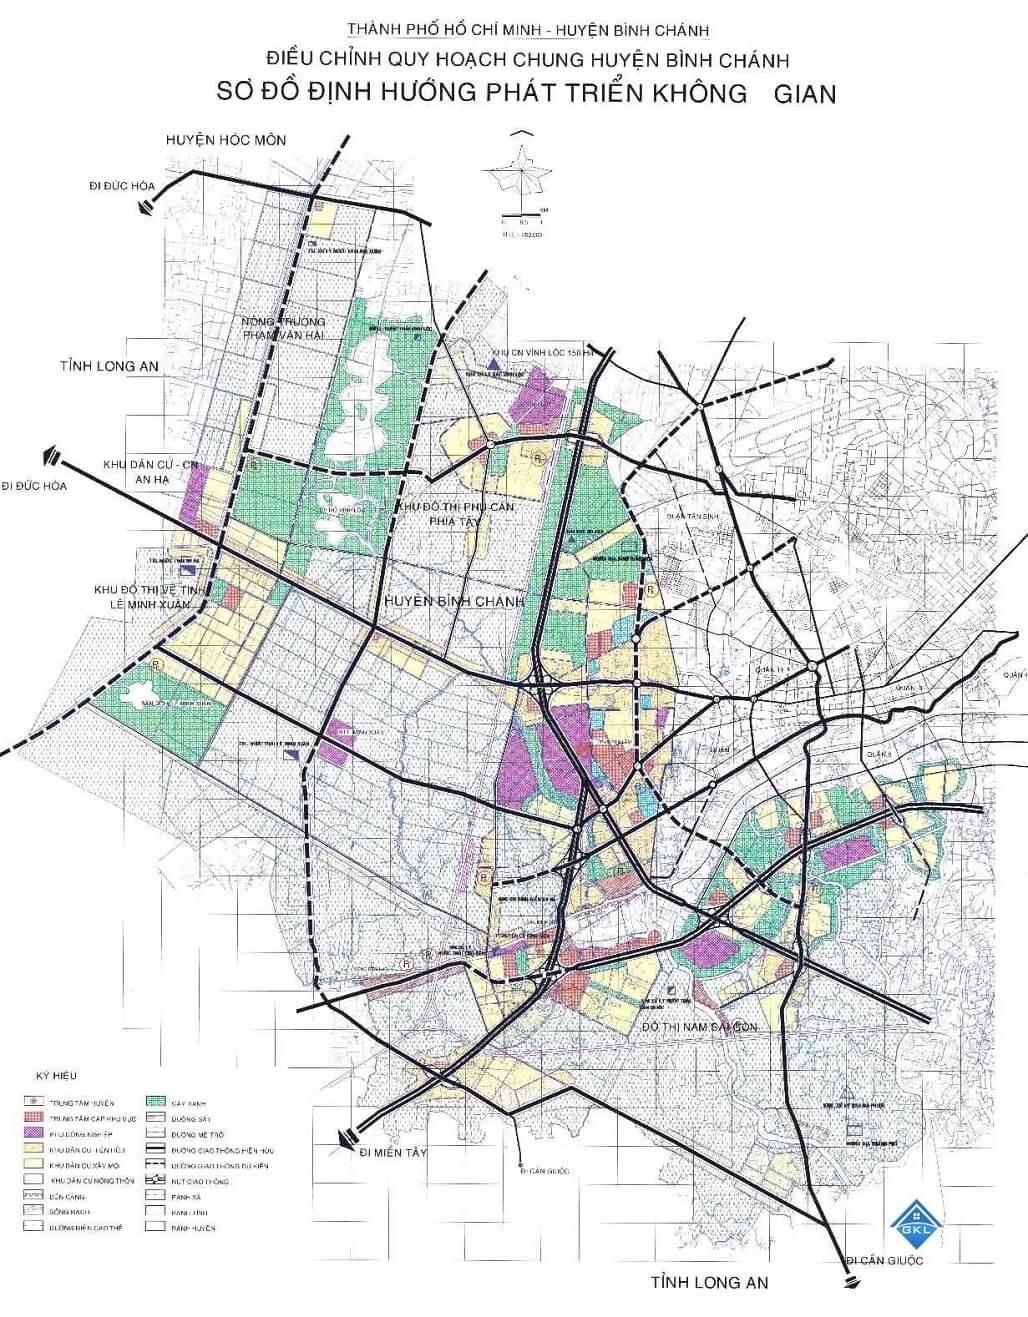 Sơ đồ định hướng quy hoạch huyện Bình Chánh 2020-2030